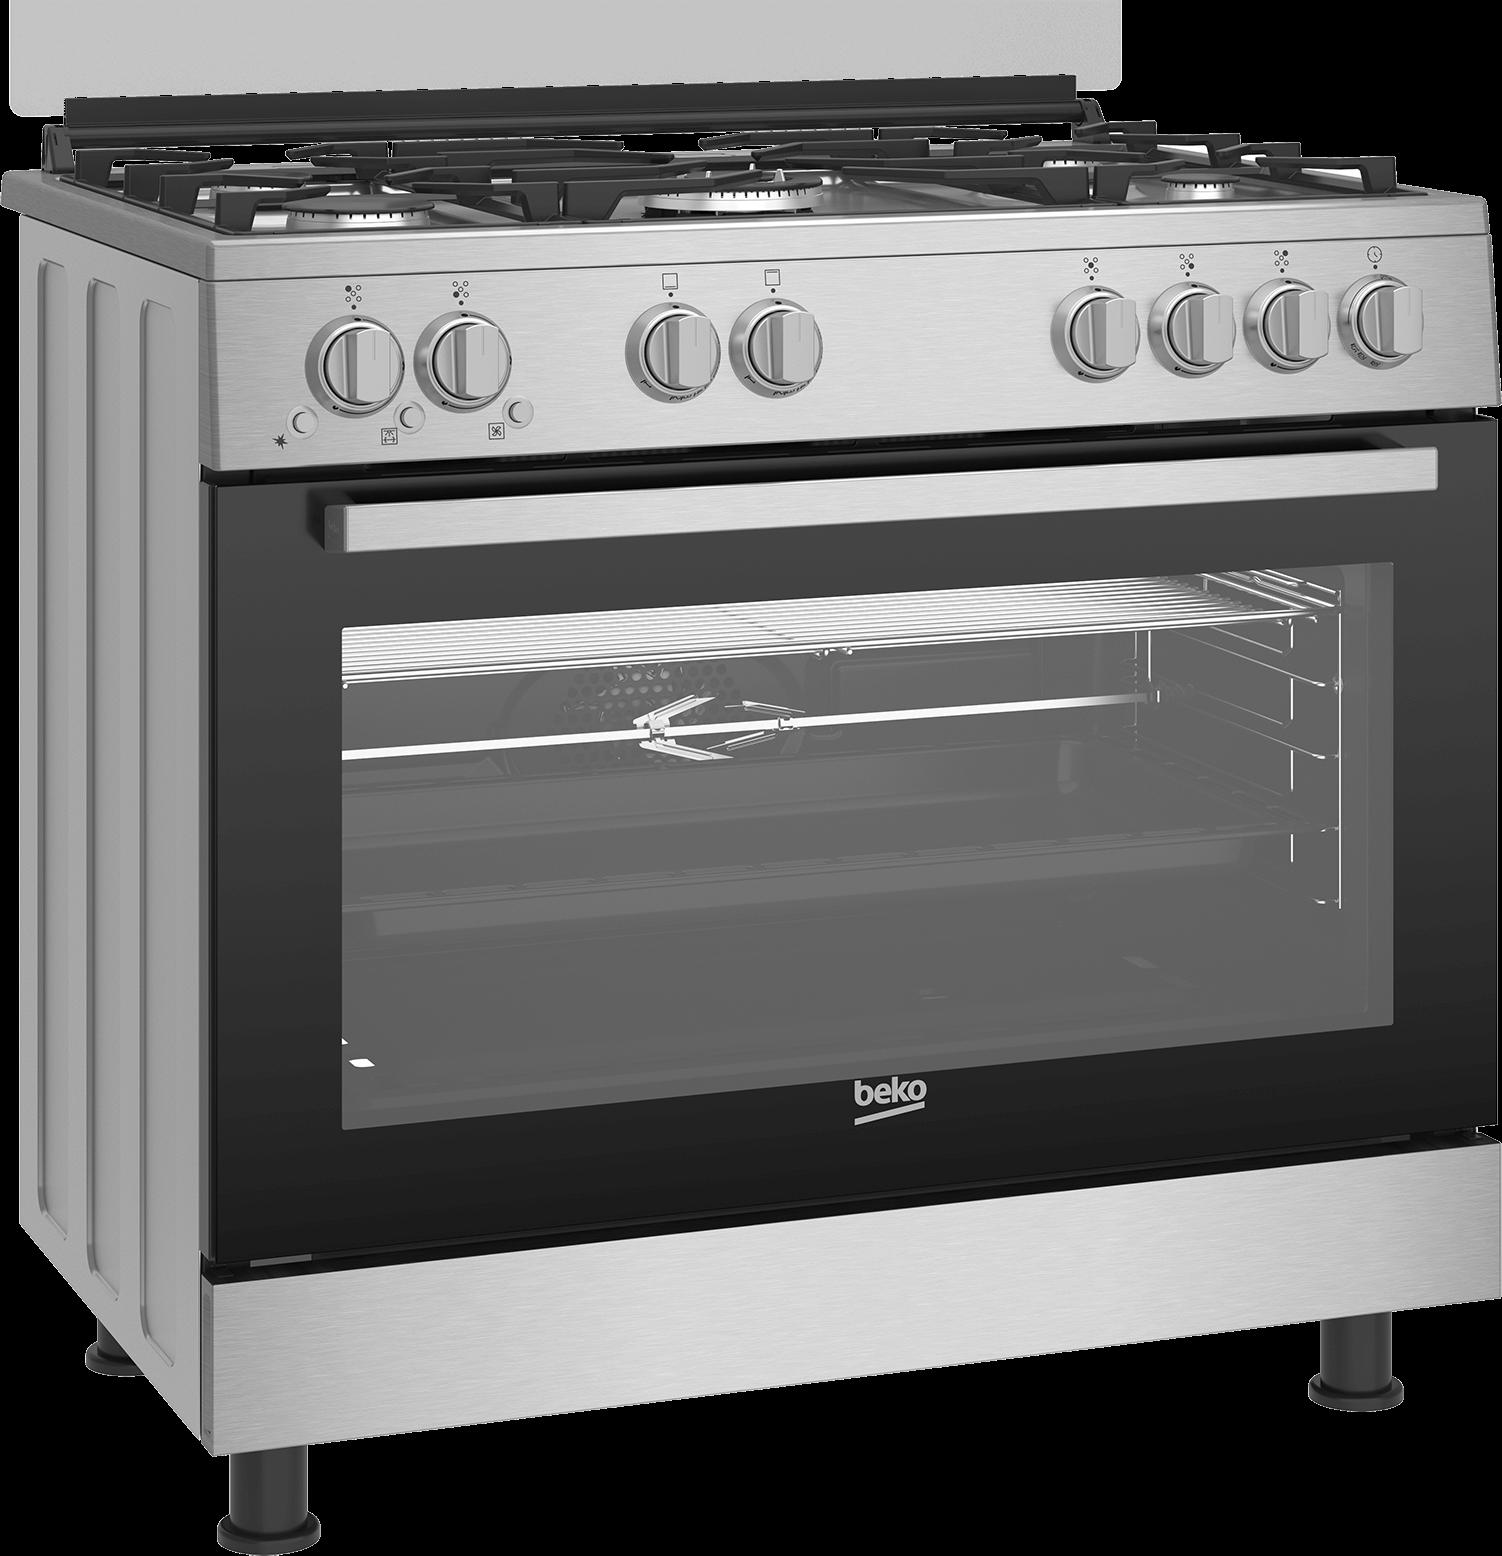 BEKO 90cm Gas Cooker GGR 15125 FX NS